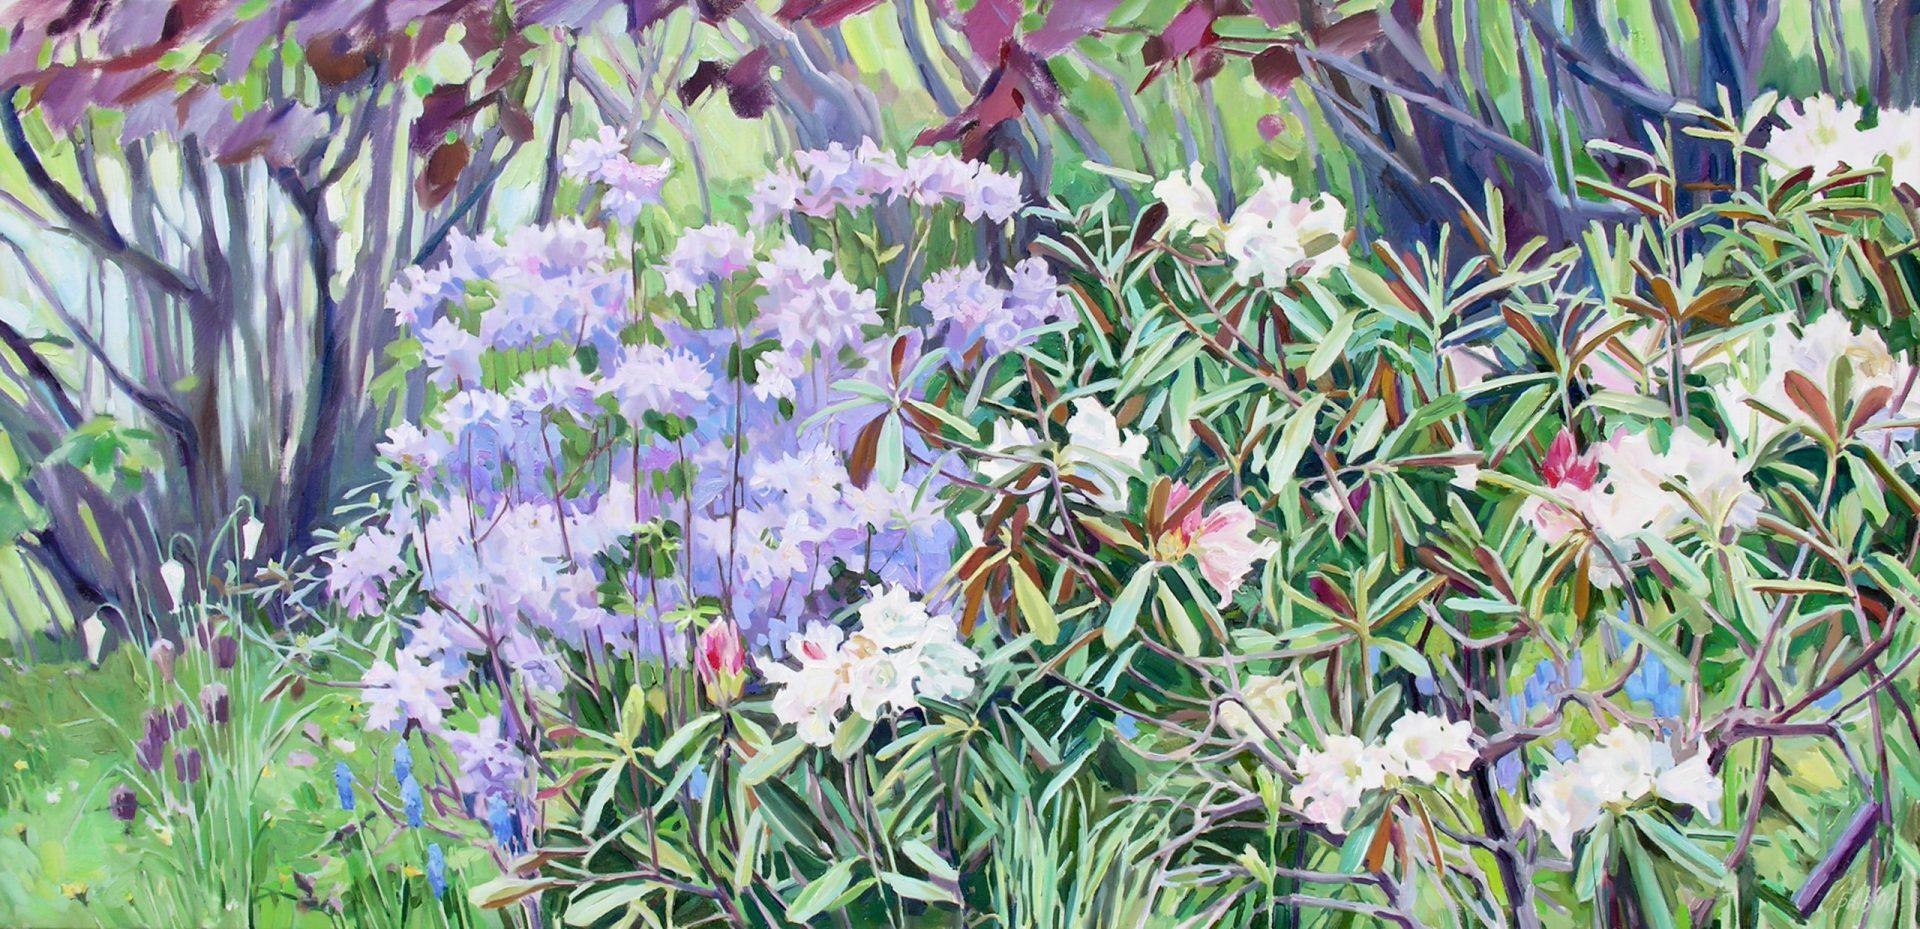 Gemälde von Julia Belot: Odiles Garten, Öl auf Leinwand, 100 cm x 200 cm, 2006